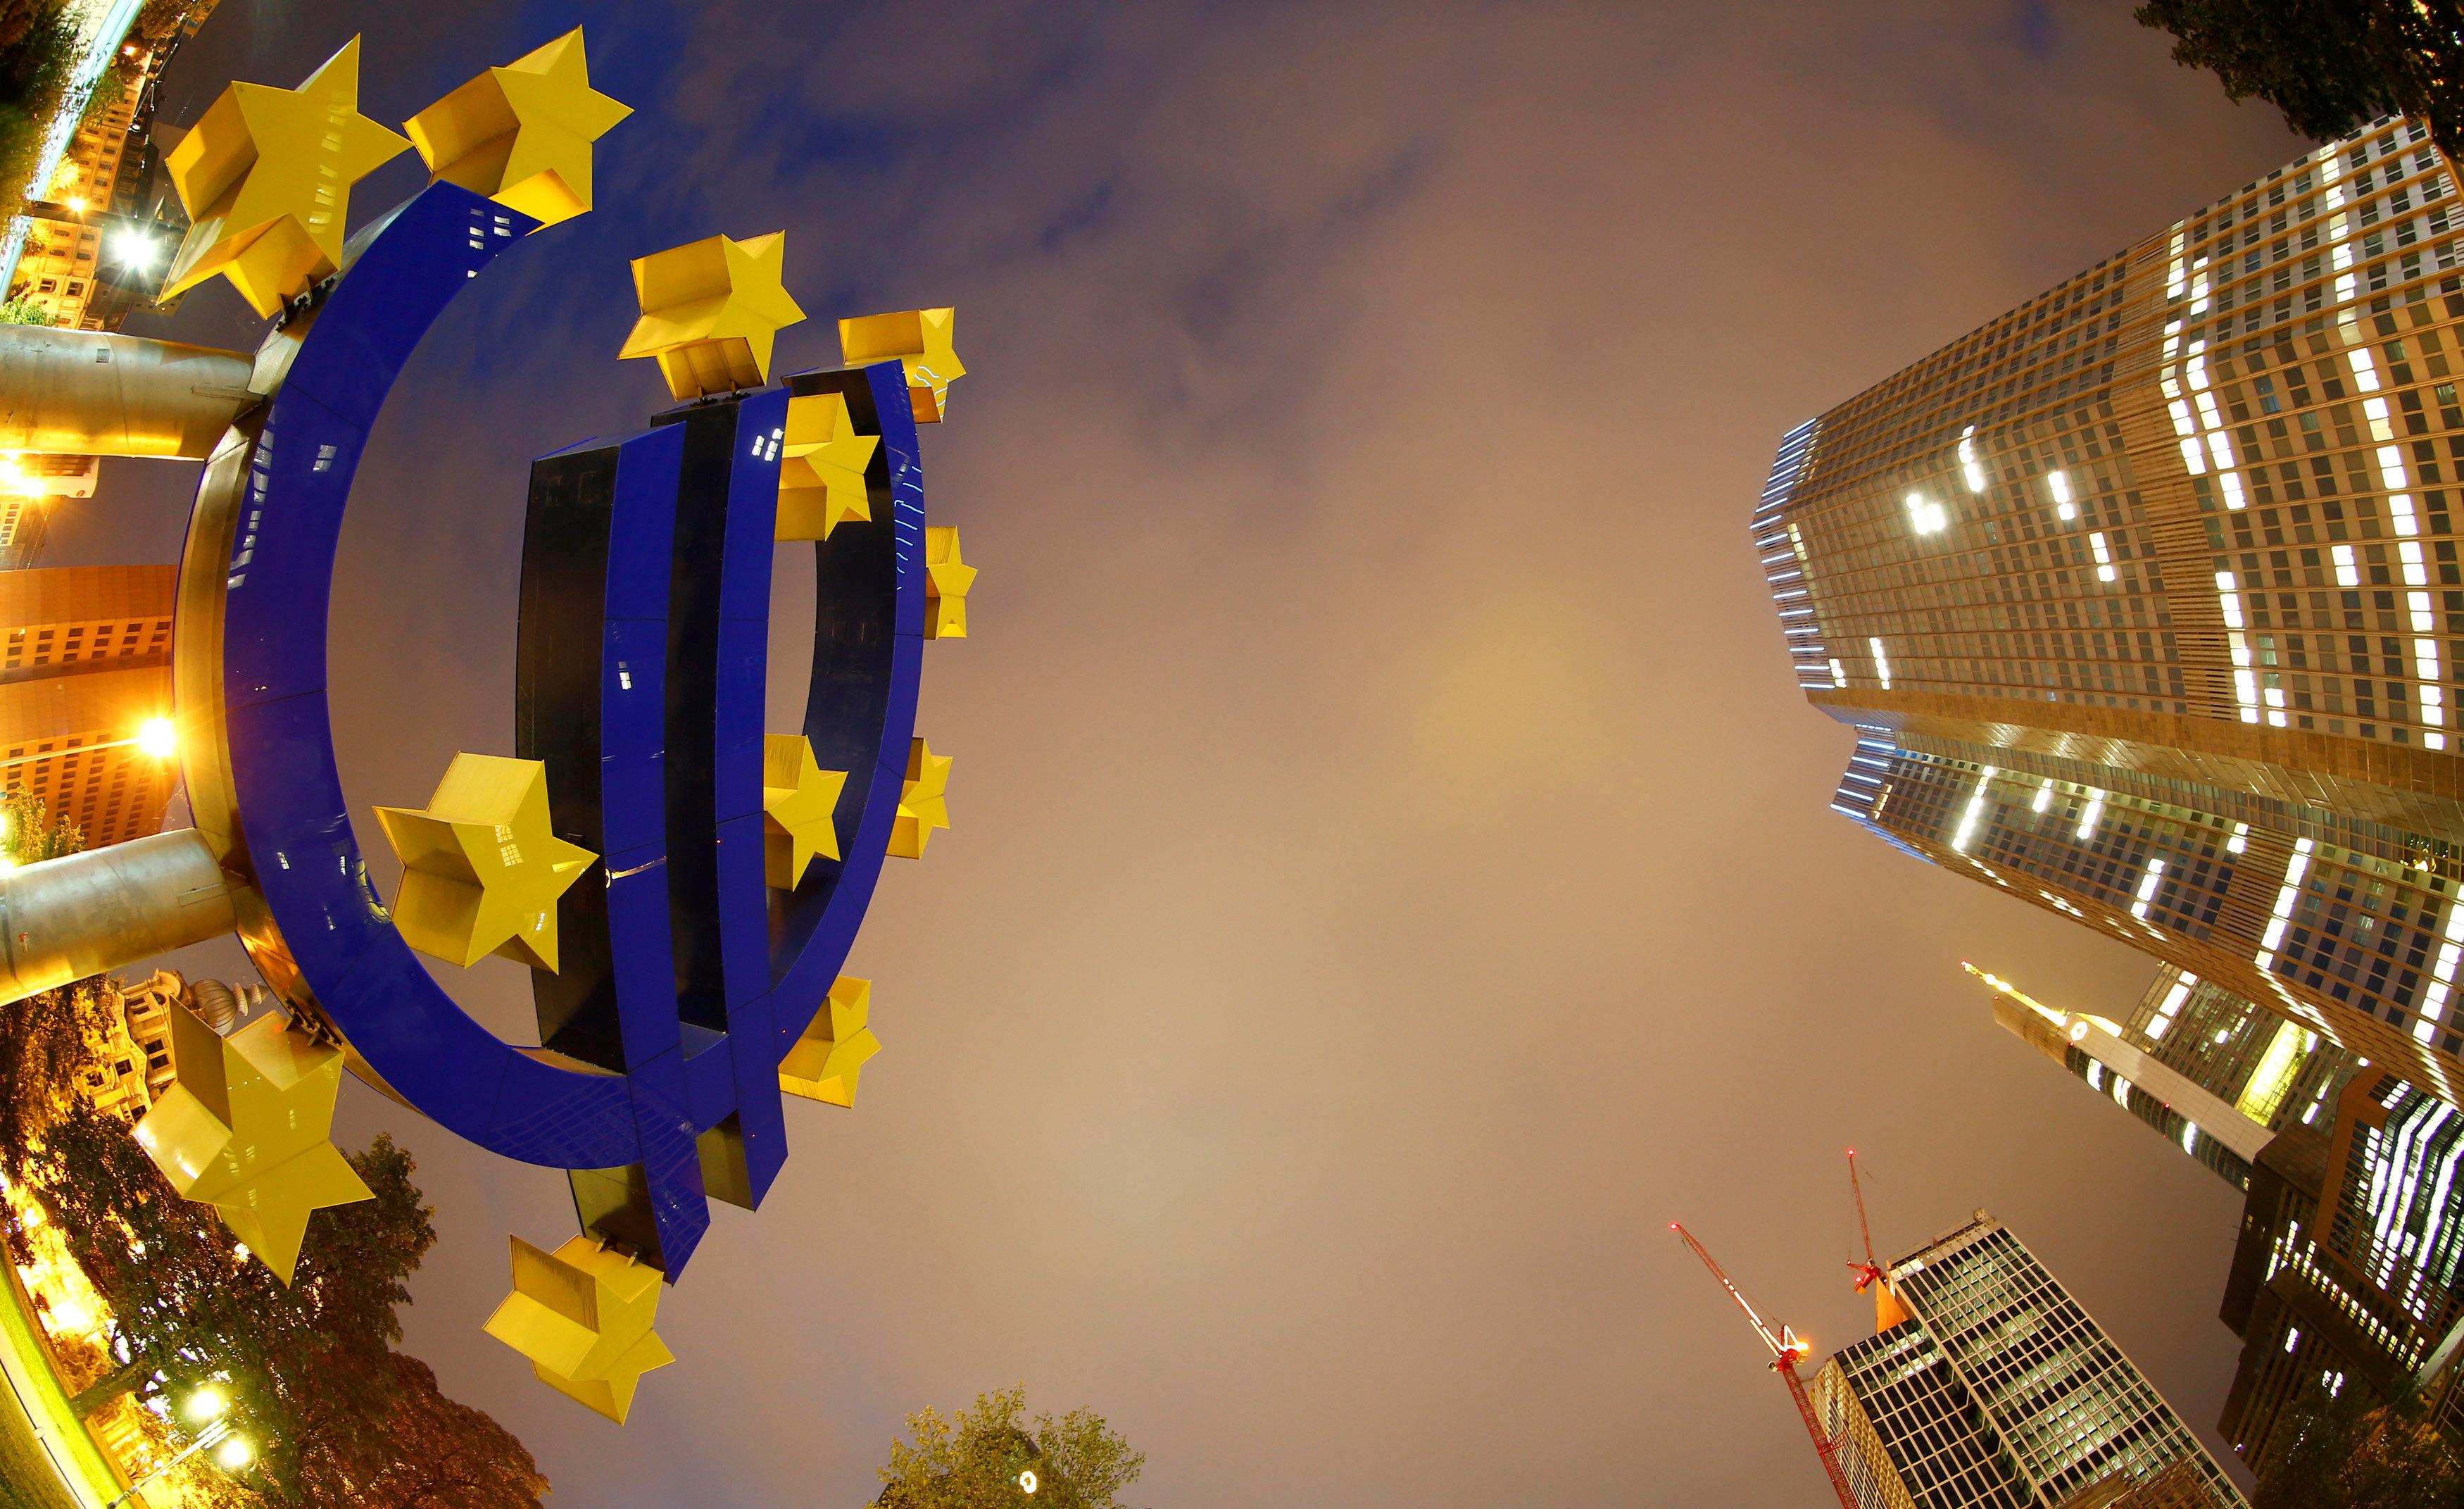 Σε υψηλό 4ετίας ο πληθωρισμός στην ευρωζώνη τον Φεβρουάριο | tovima.gr